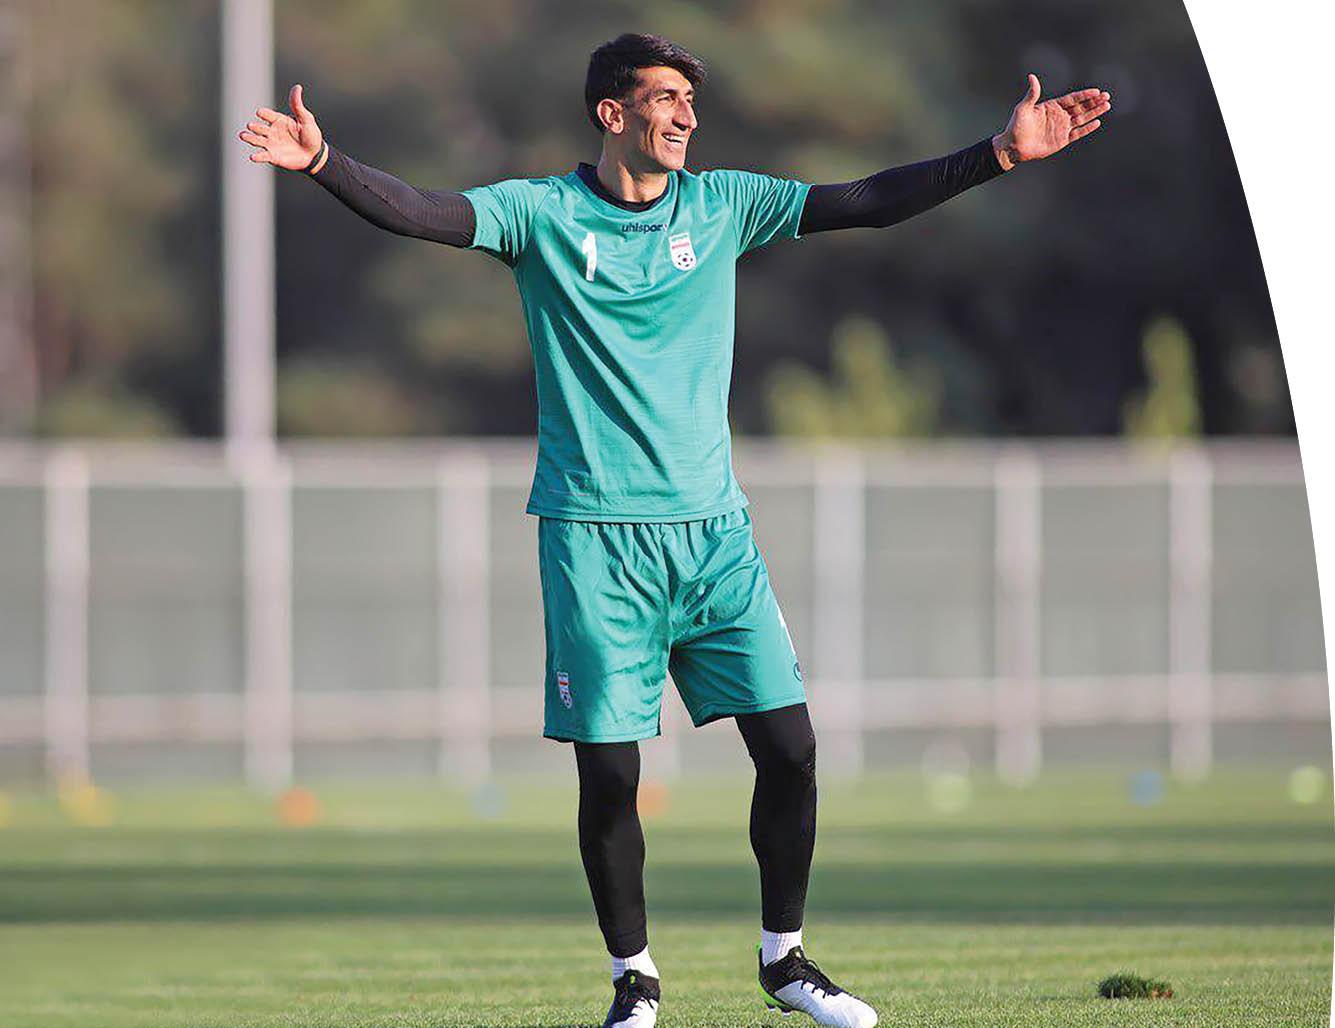 باشگاه خبرنگاران -بیرانوند: پیروزی تیم مهمتر از کلینشیت است